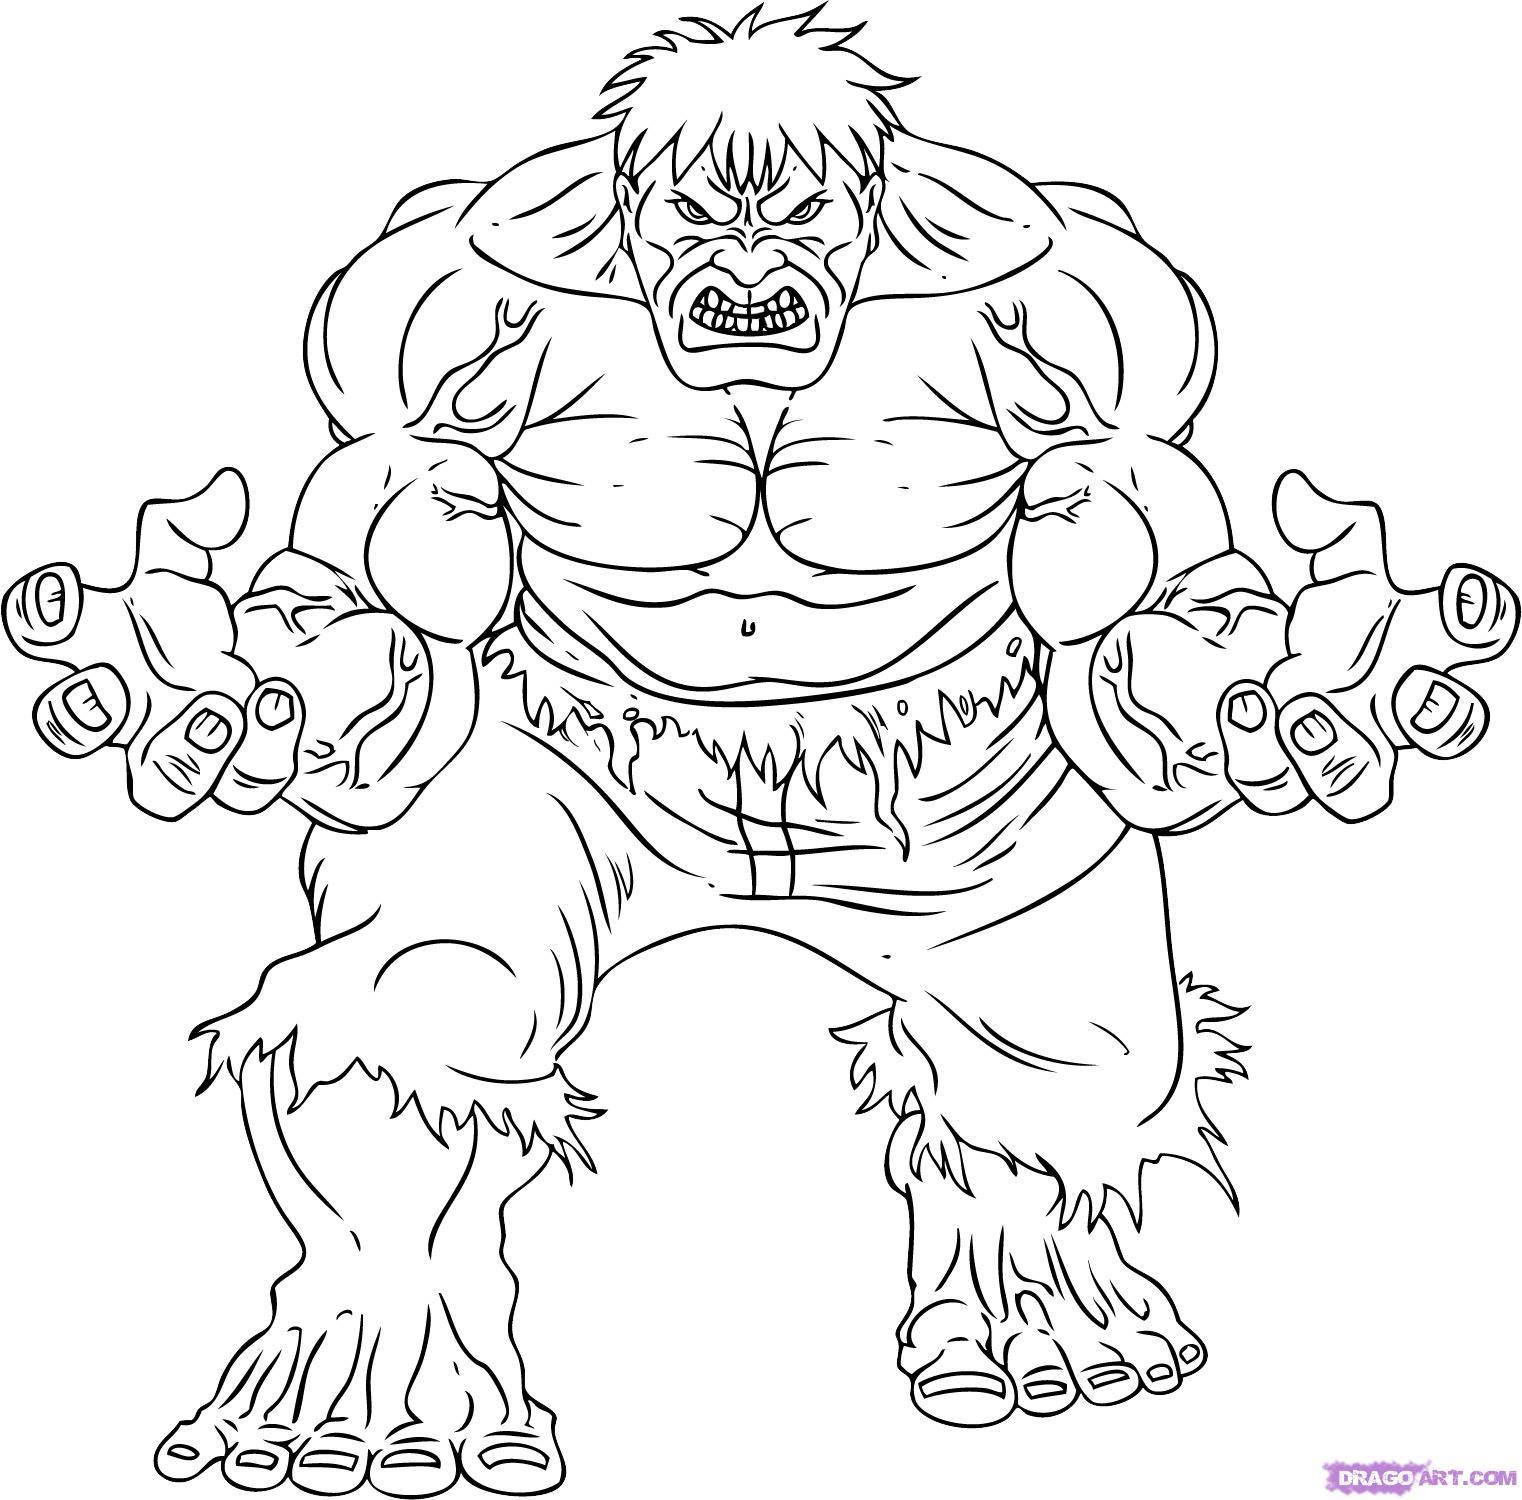 Nett Hulk Malvorlagen Rächer Zeitgenössisch - Malvorlagen Von Tieren ...